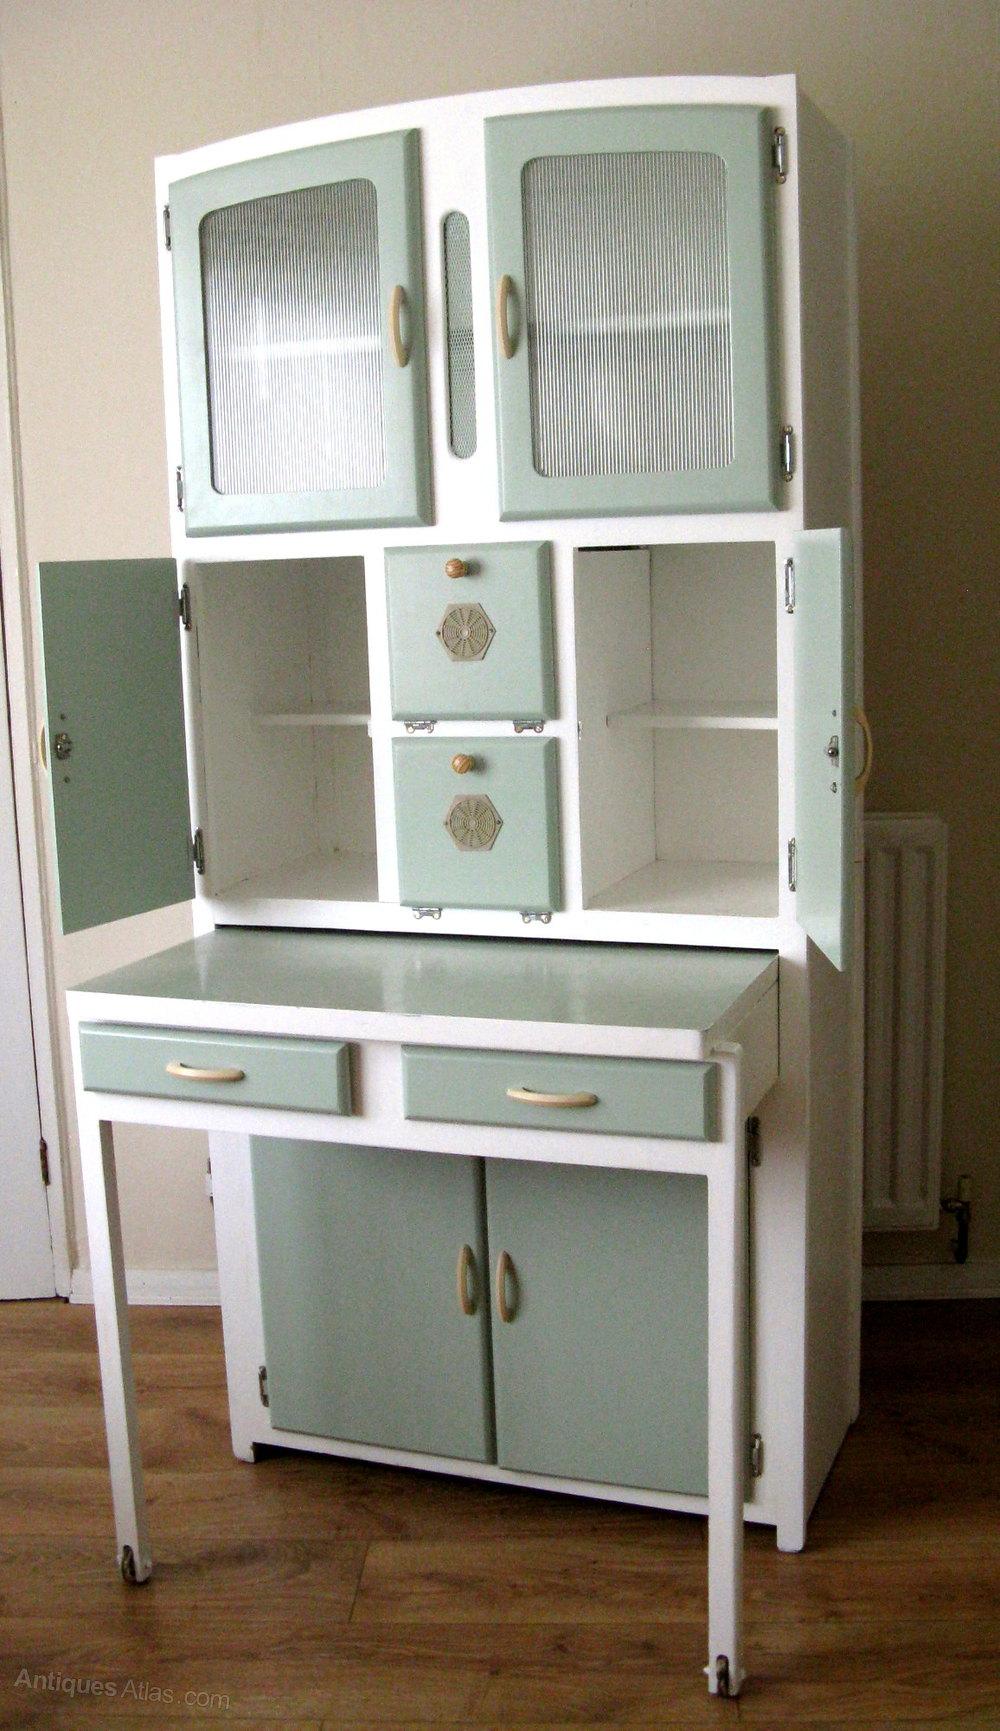 Best Kitchen Gallery: Antiques Atlas Kitchen Larder Cabi of Vintage Kitchen Cupboards on rachelxblog.com